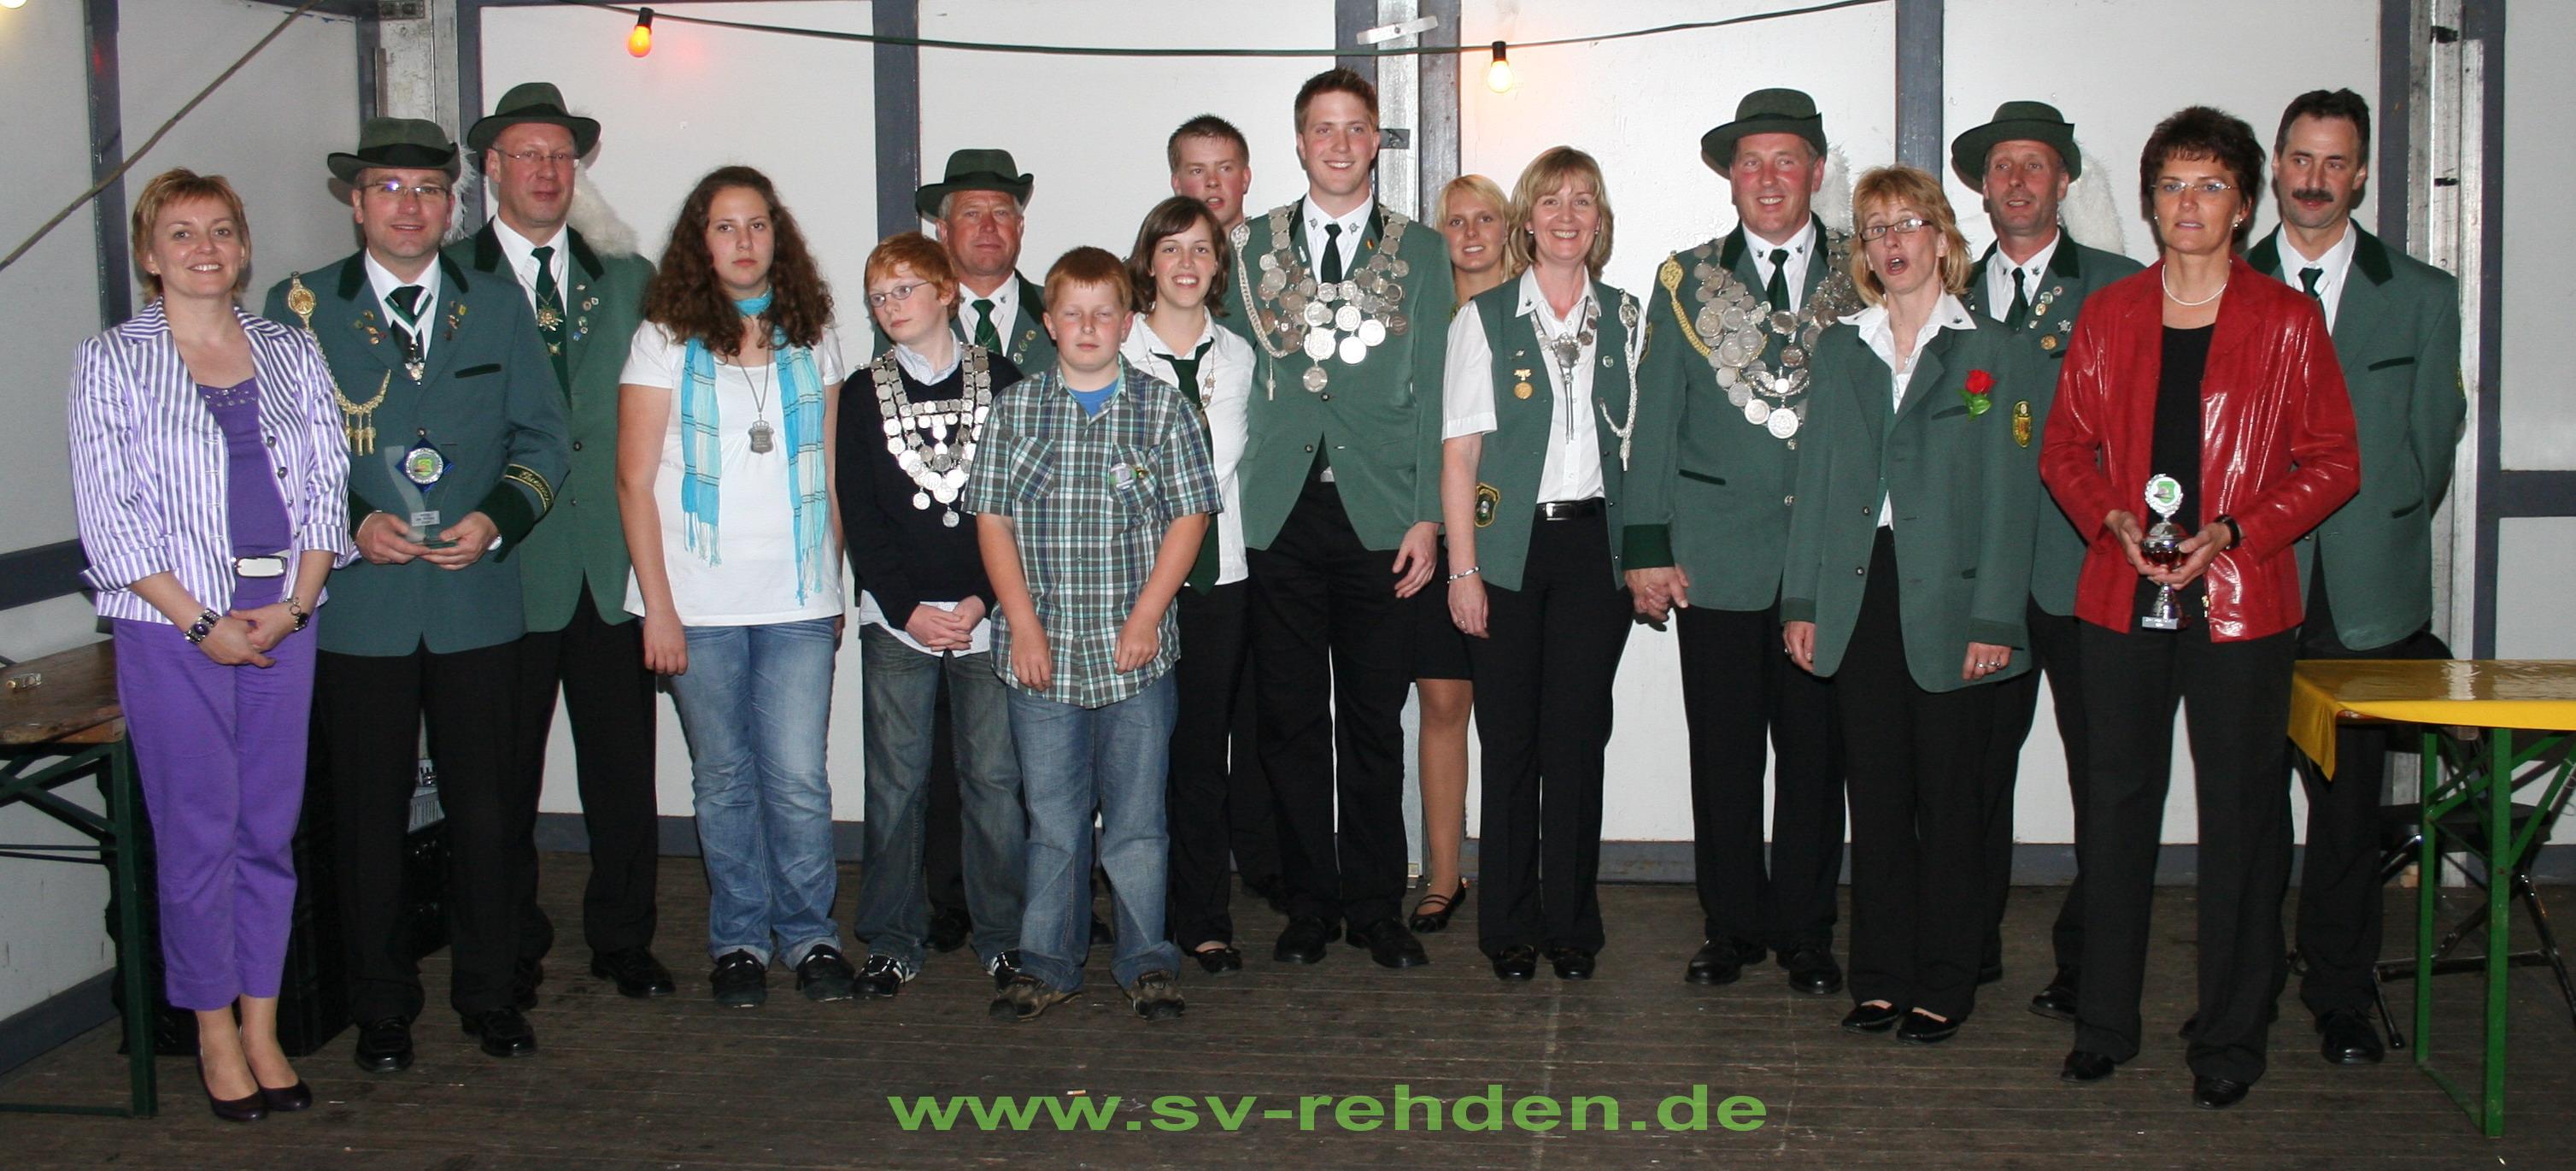 Die Würdenträger des Jahres 2009